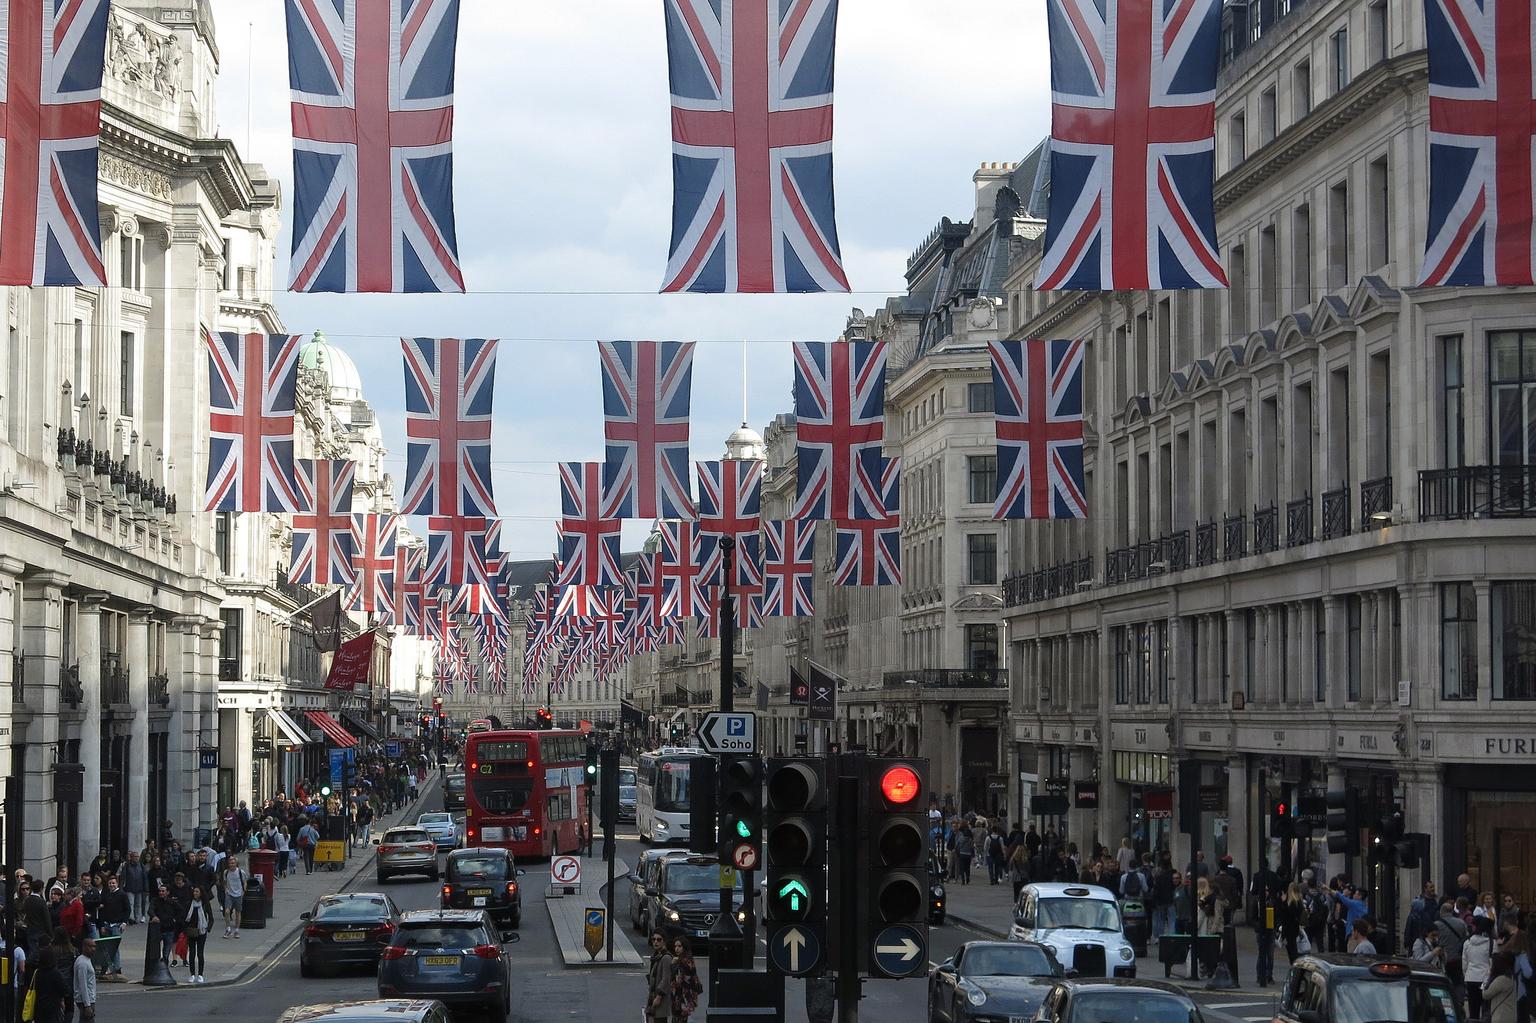 London 2018 . - London 2018 ..hopelijk volgend jaar weer terug .  - foto door bergmanfotografie op 09-04-2021 - locatie: Londen, Verenigd Koninkrijk - deze foto bevat: auto, lucht, gebouw, dag, infrastructuur, voertuig, doorgaande weg, straatlantaarn, wiel, buurt